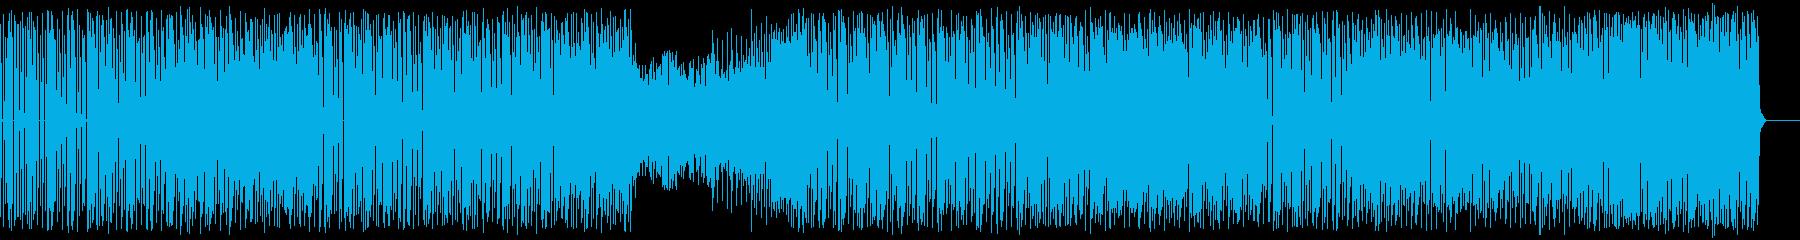 重量感のあるテクノの再生済みの波形